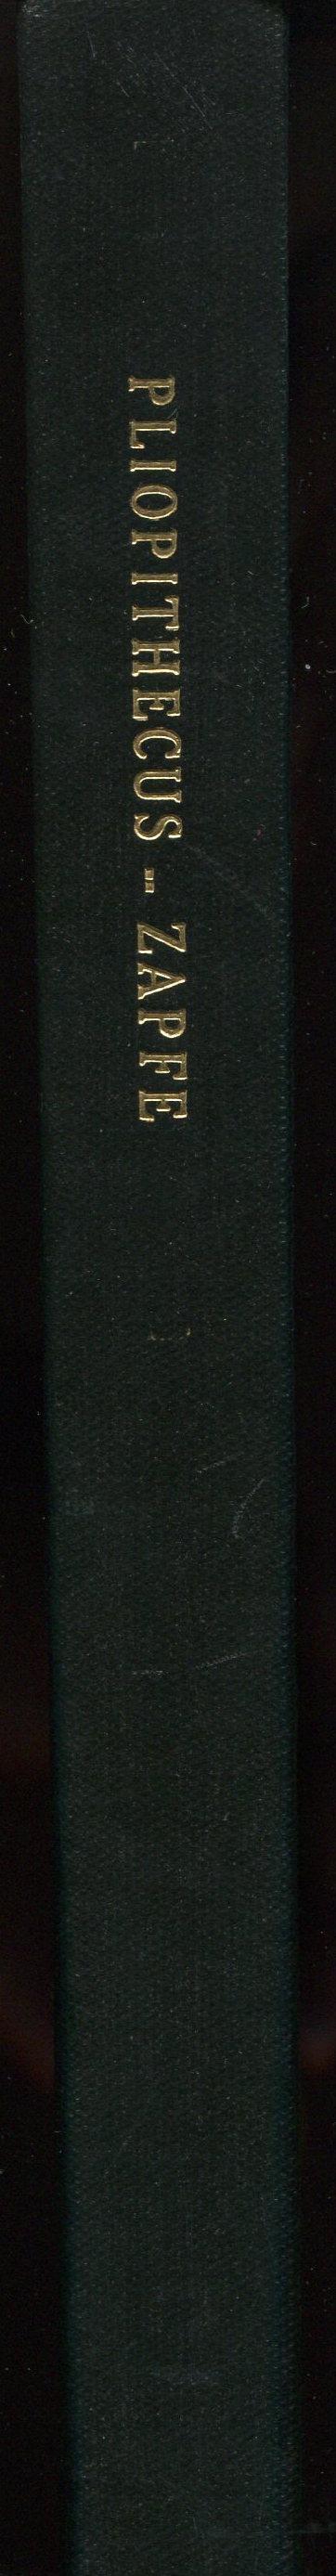 Schweizerische Palaeontologische Abhandlungen: Memoires Suisses de Paleontologie, Vol. 78: Die Primatenfunde aus der miozanen Spaltenfullung von Neudorf an der March (Devinska Nova Ves), Tschechoslowakei. Mit Anhang: Der Primatenfund aus dem Miozan von Klein Hadersdorf in Niederossterreich. Mit 115 Textfiguren and 55 Tabellen.